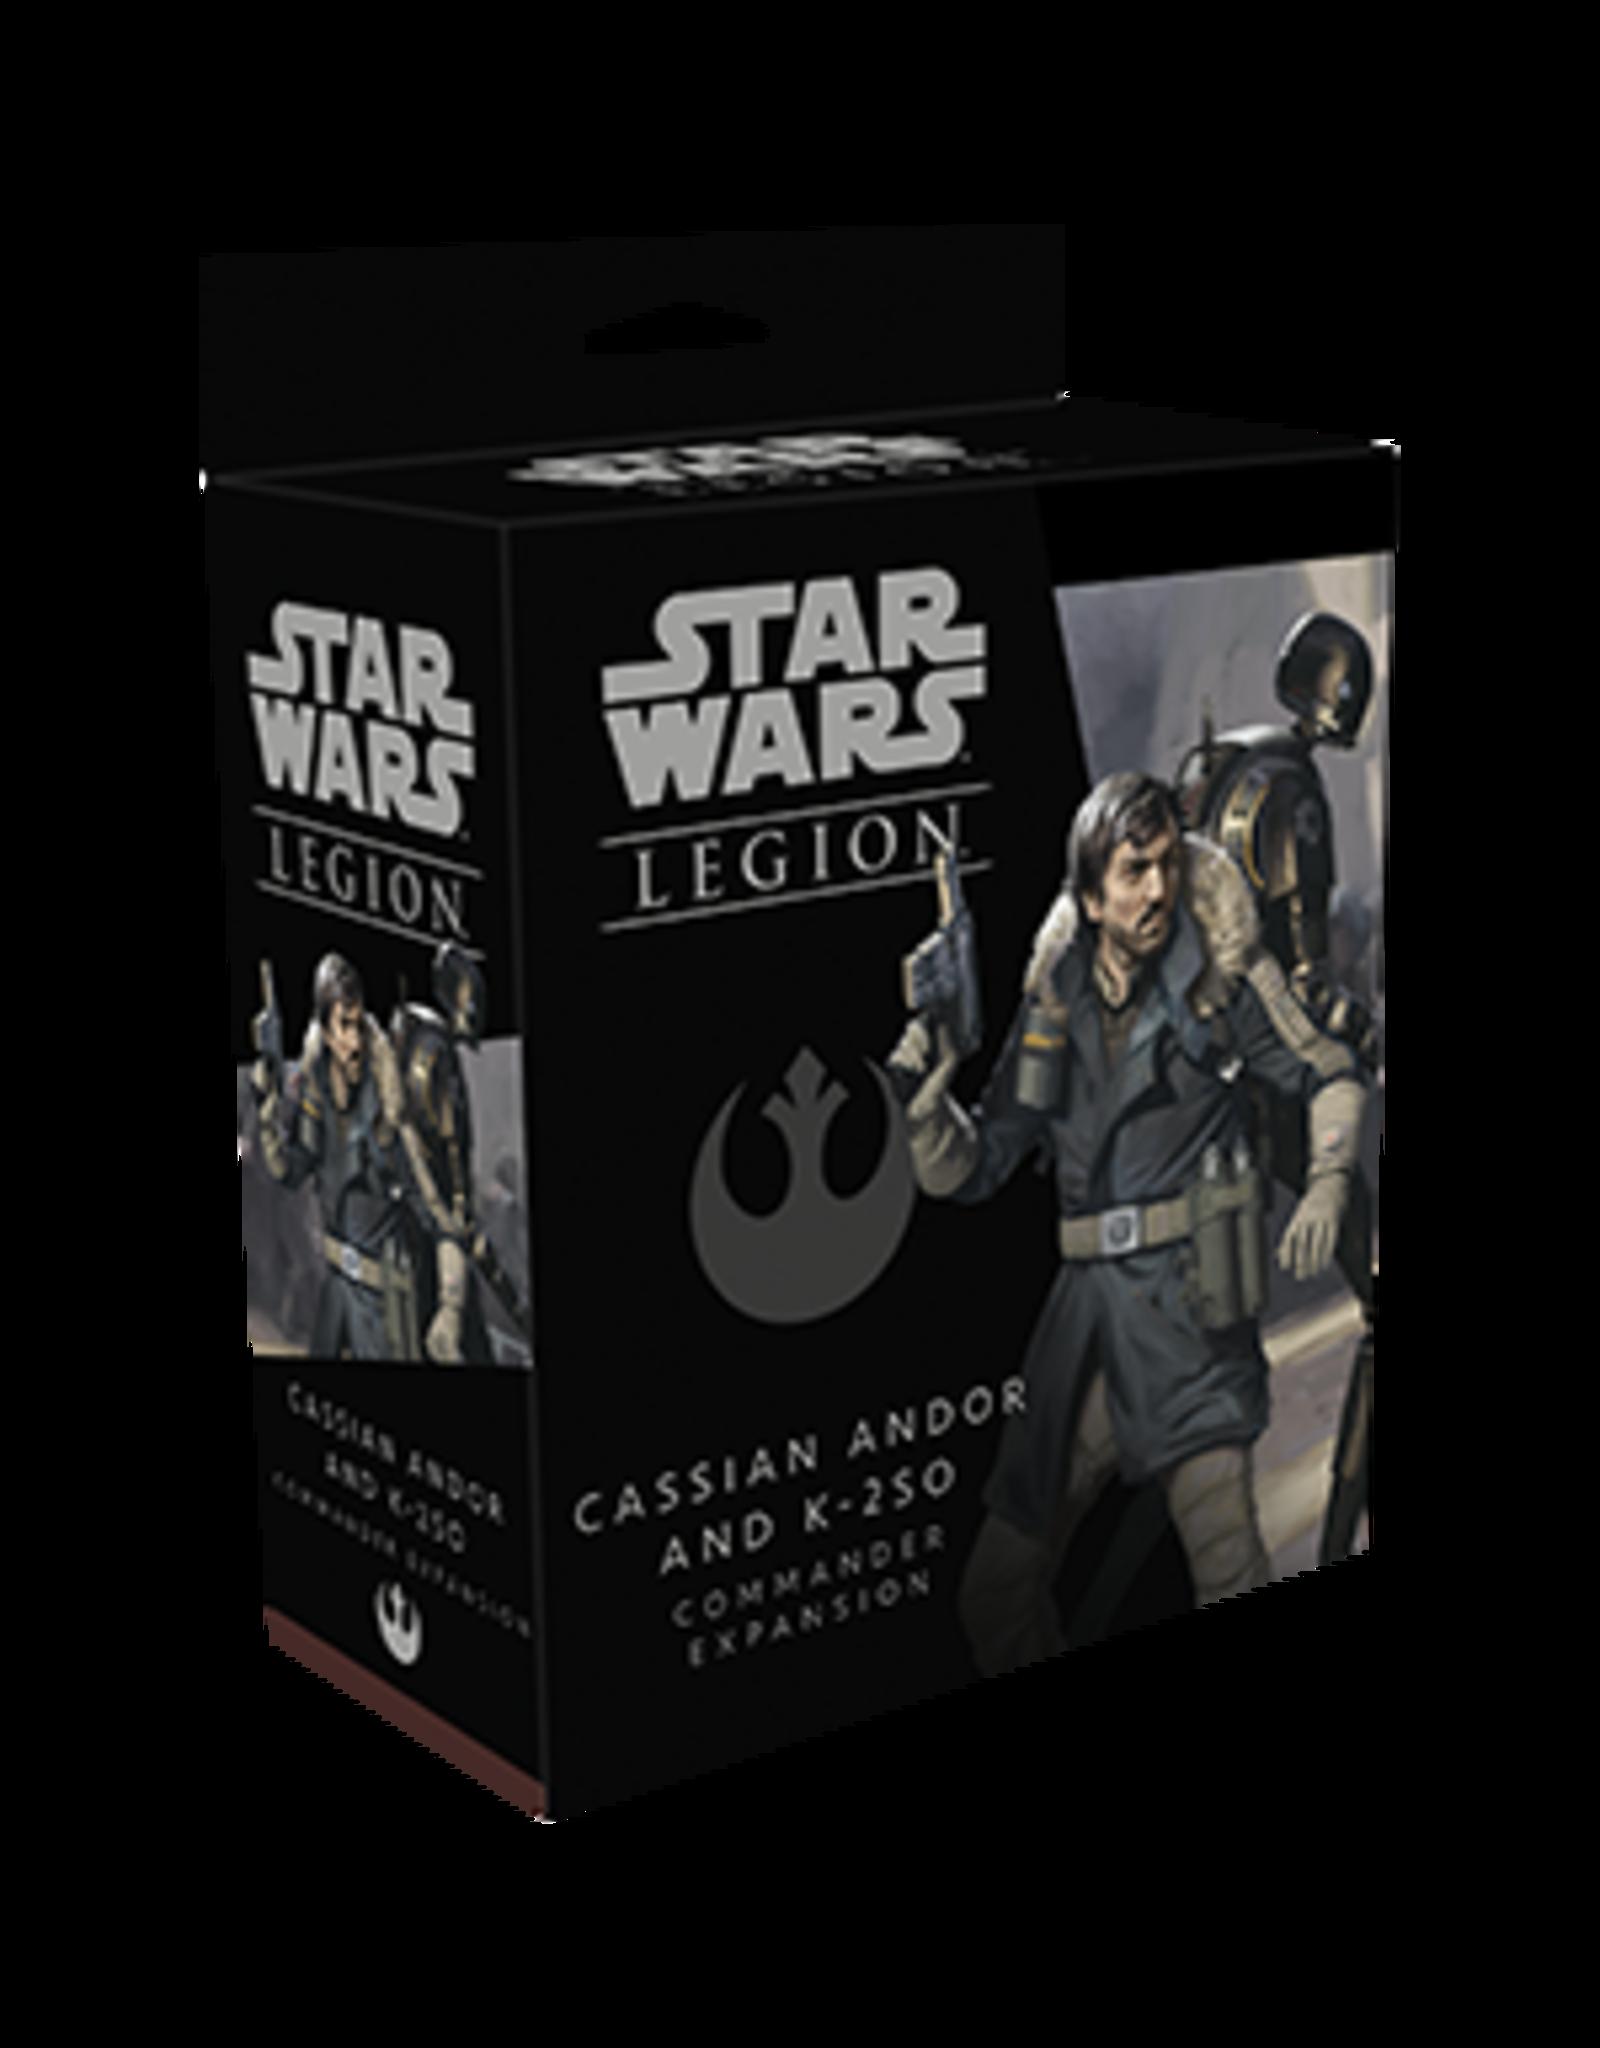 Fantasy Flight Games Star Wars Legion - Cassian Andor and K-2SO